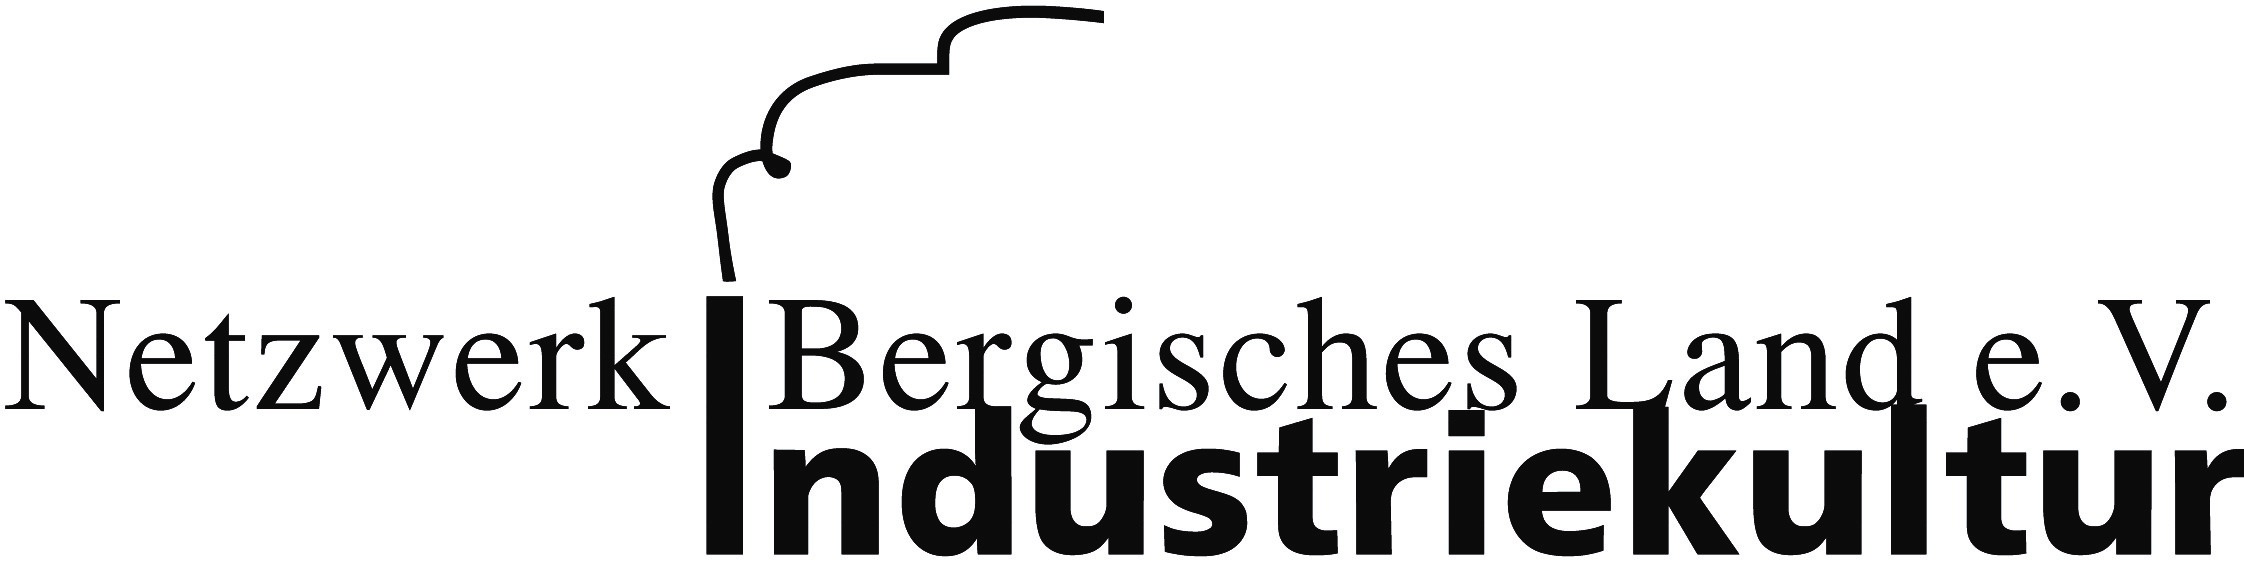 Logo Netzwerk Industriekultur Bergisches Land e.V.